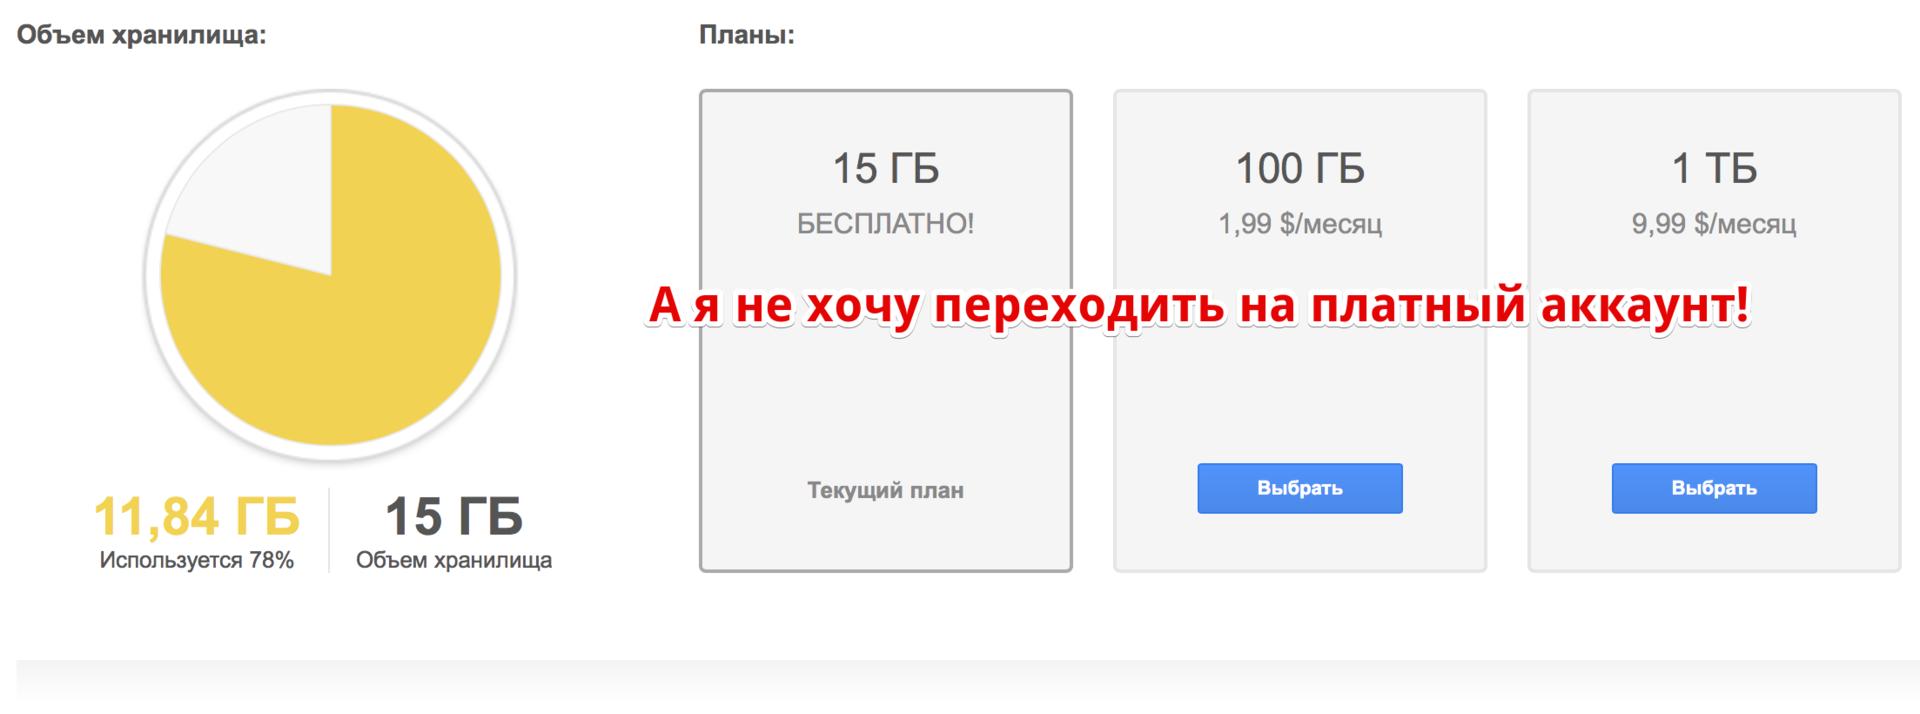 Google, куда ты дел моё место в GMail? А вы точно знаете, как в GMail работают ярлыки? - 1